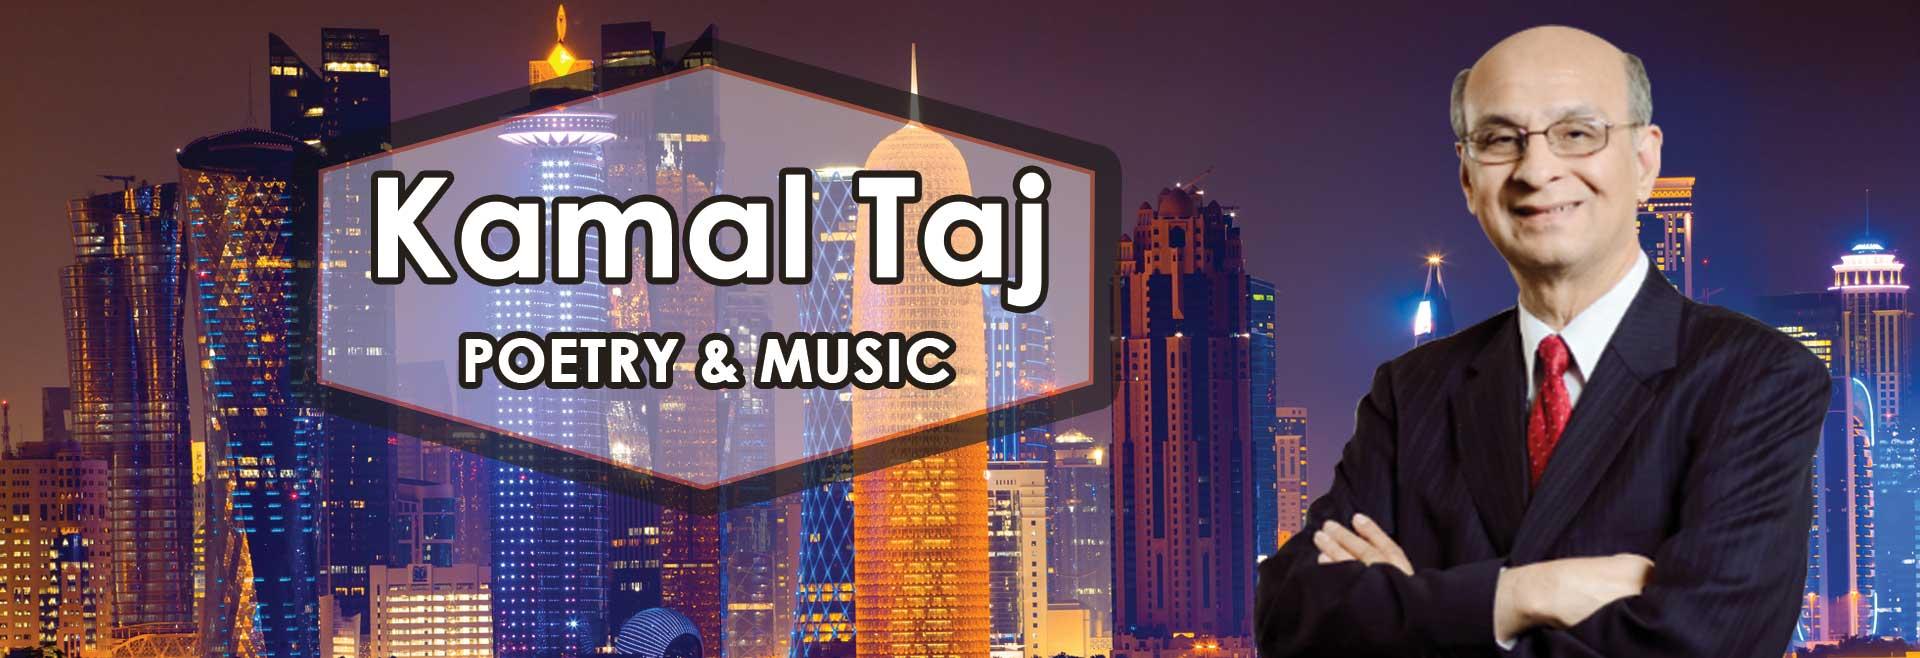 Kamal Taj